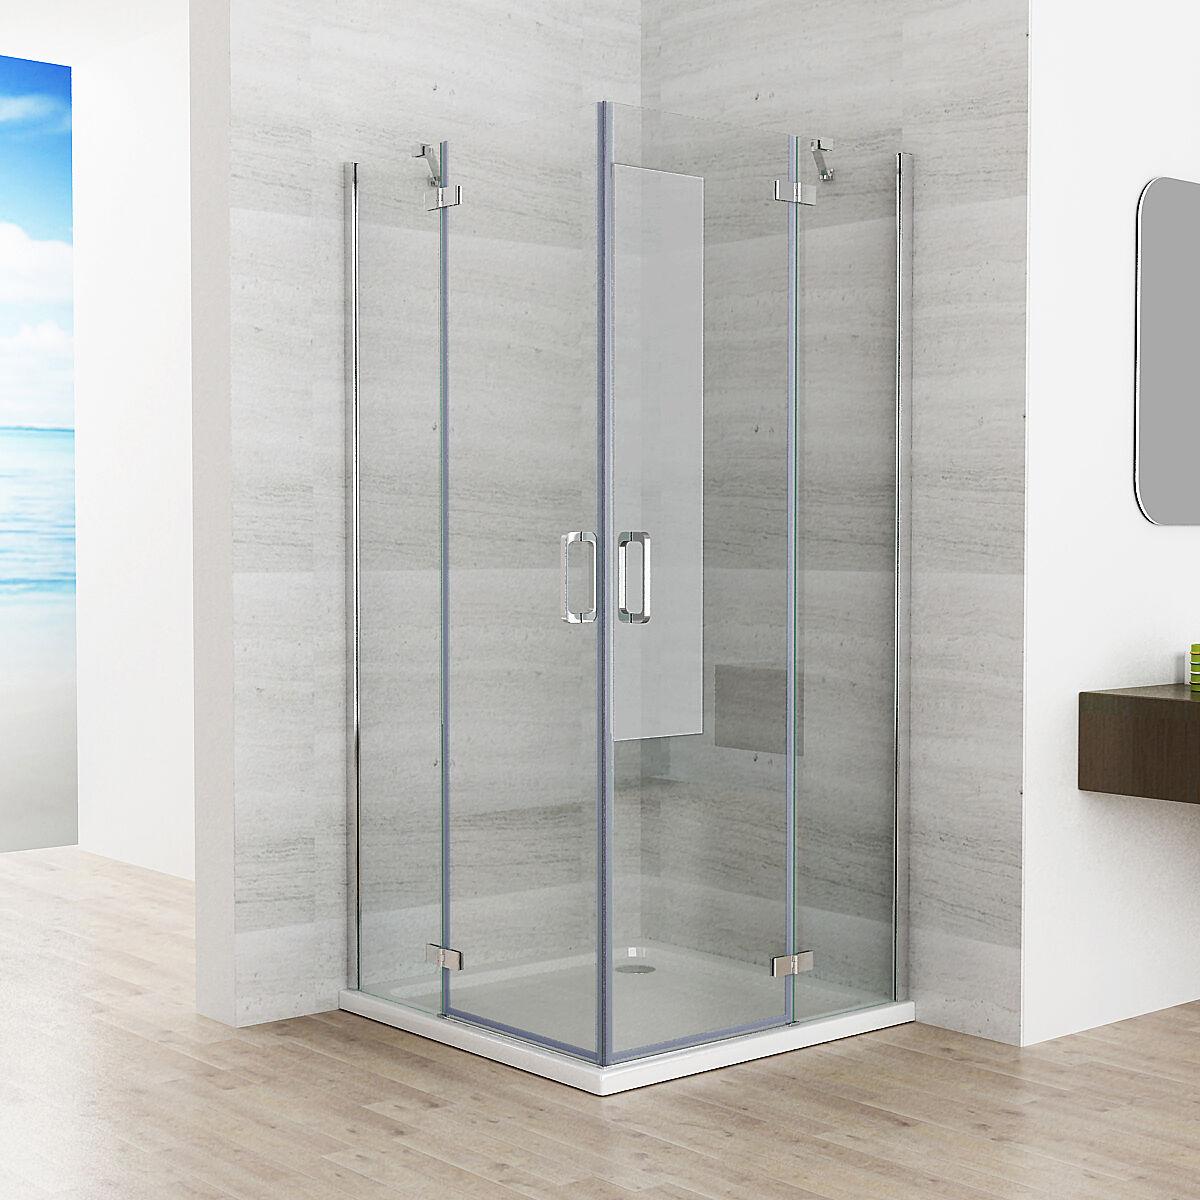 90 x 90 cm Duschkabine Eckeinstieg Duschwand Duschabtrennung Dusche NANO Glas JP